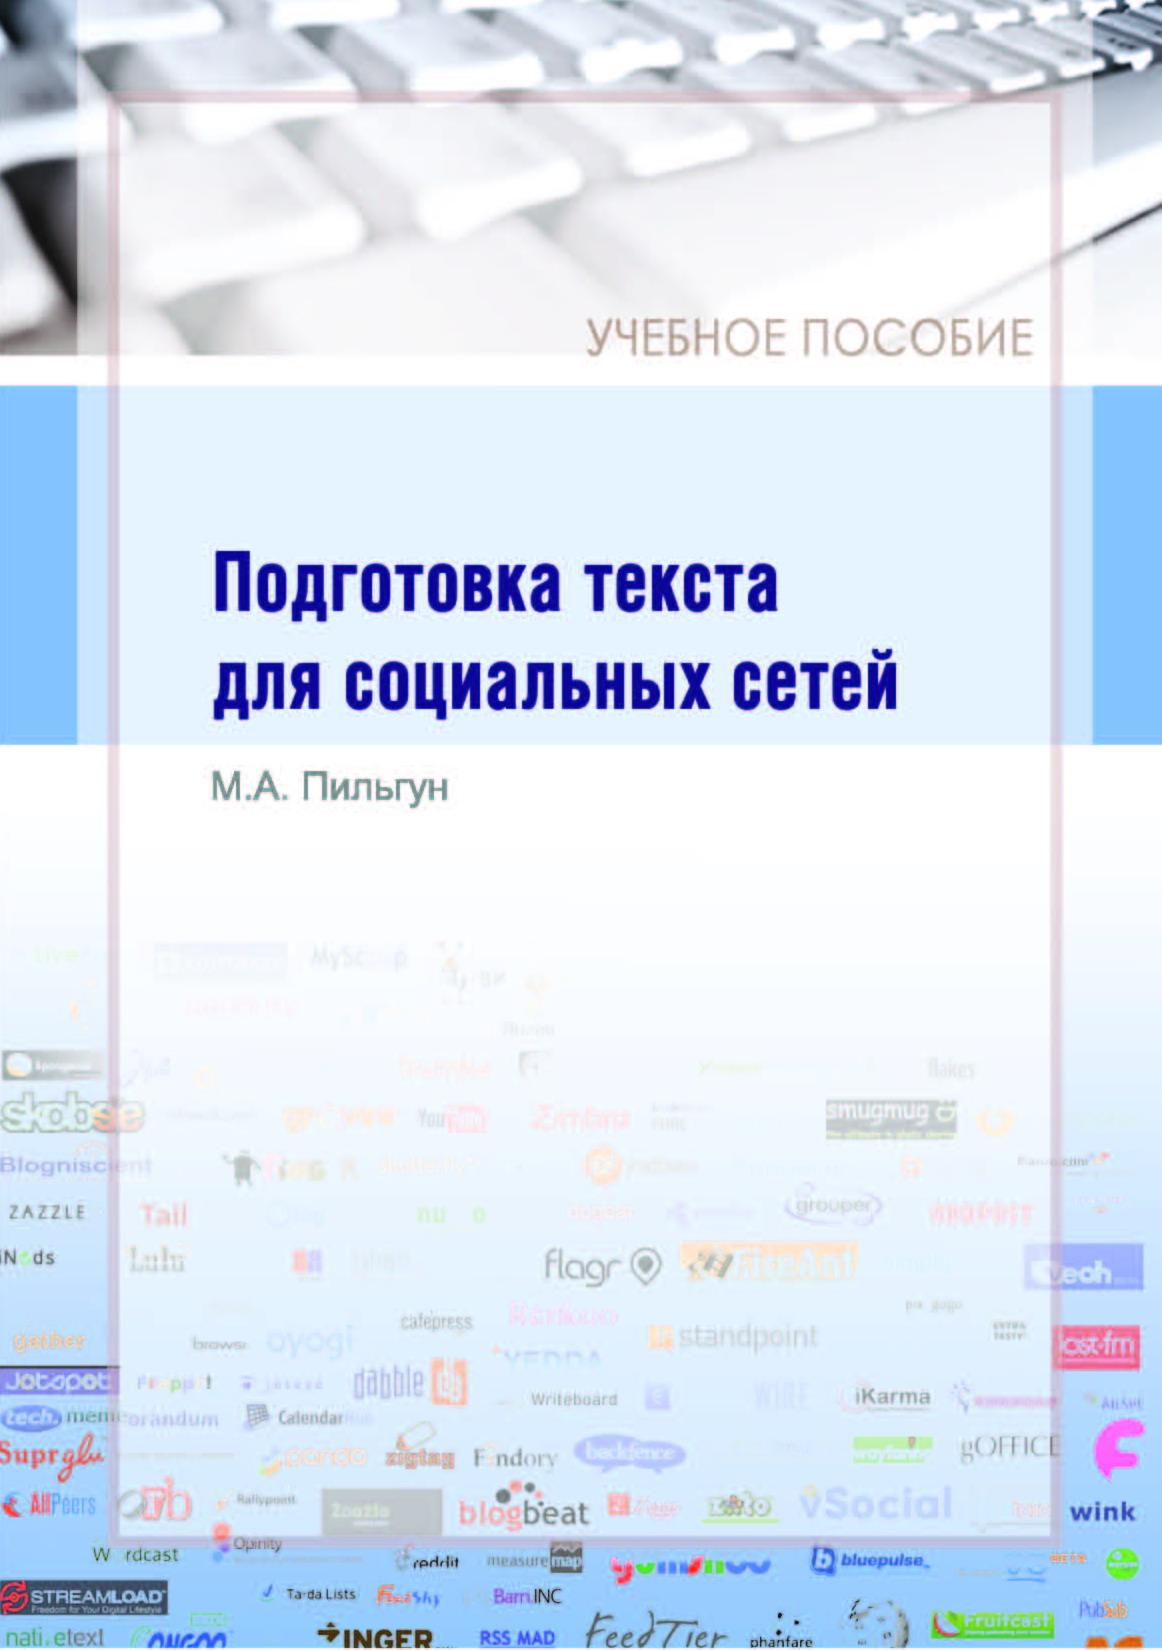 Подготовка текста для социальных сетей